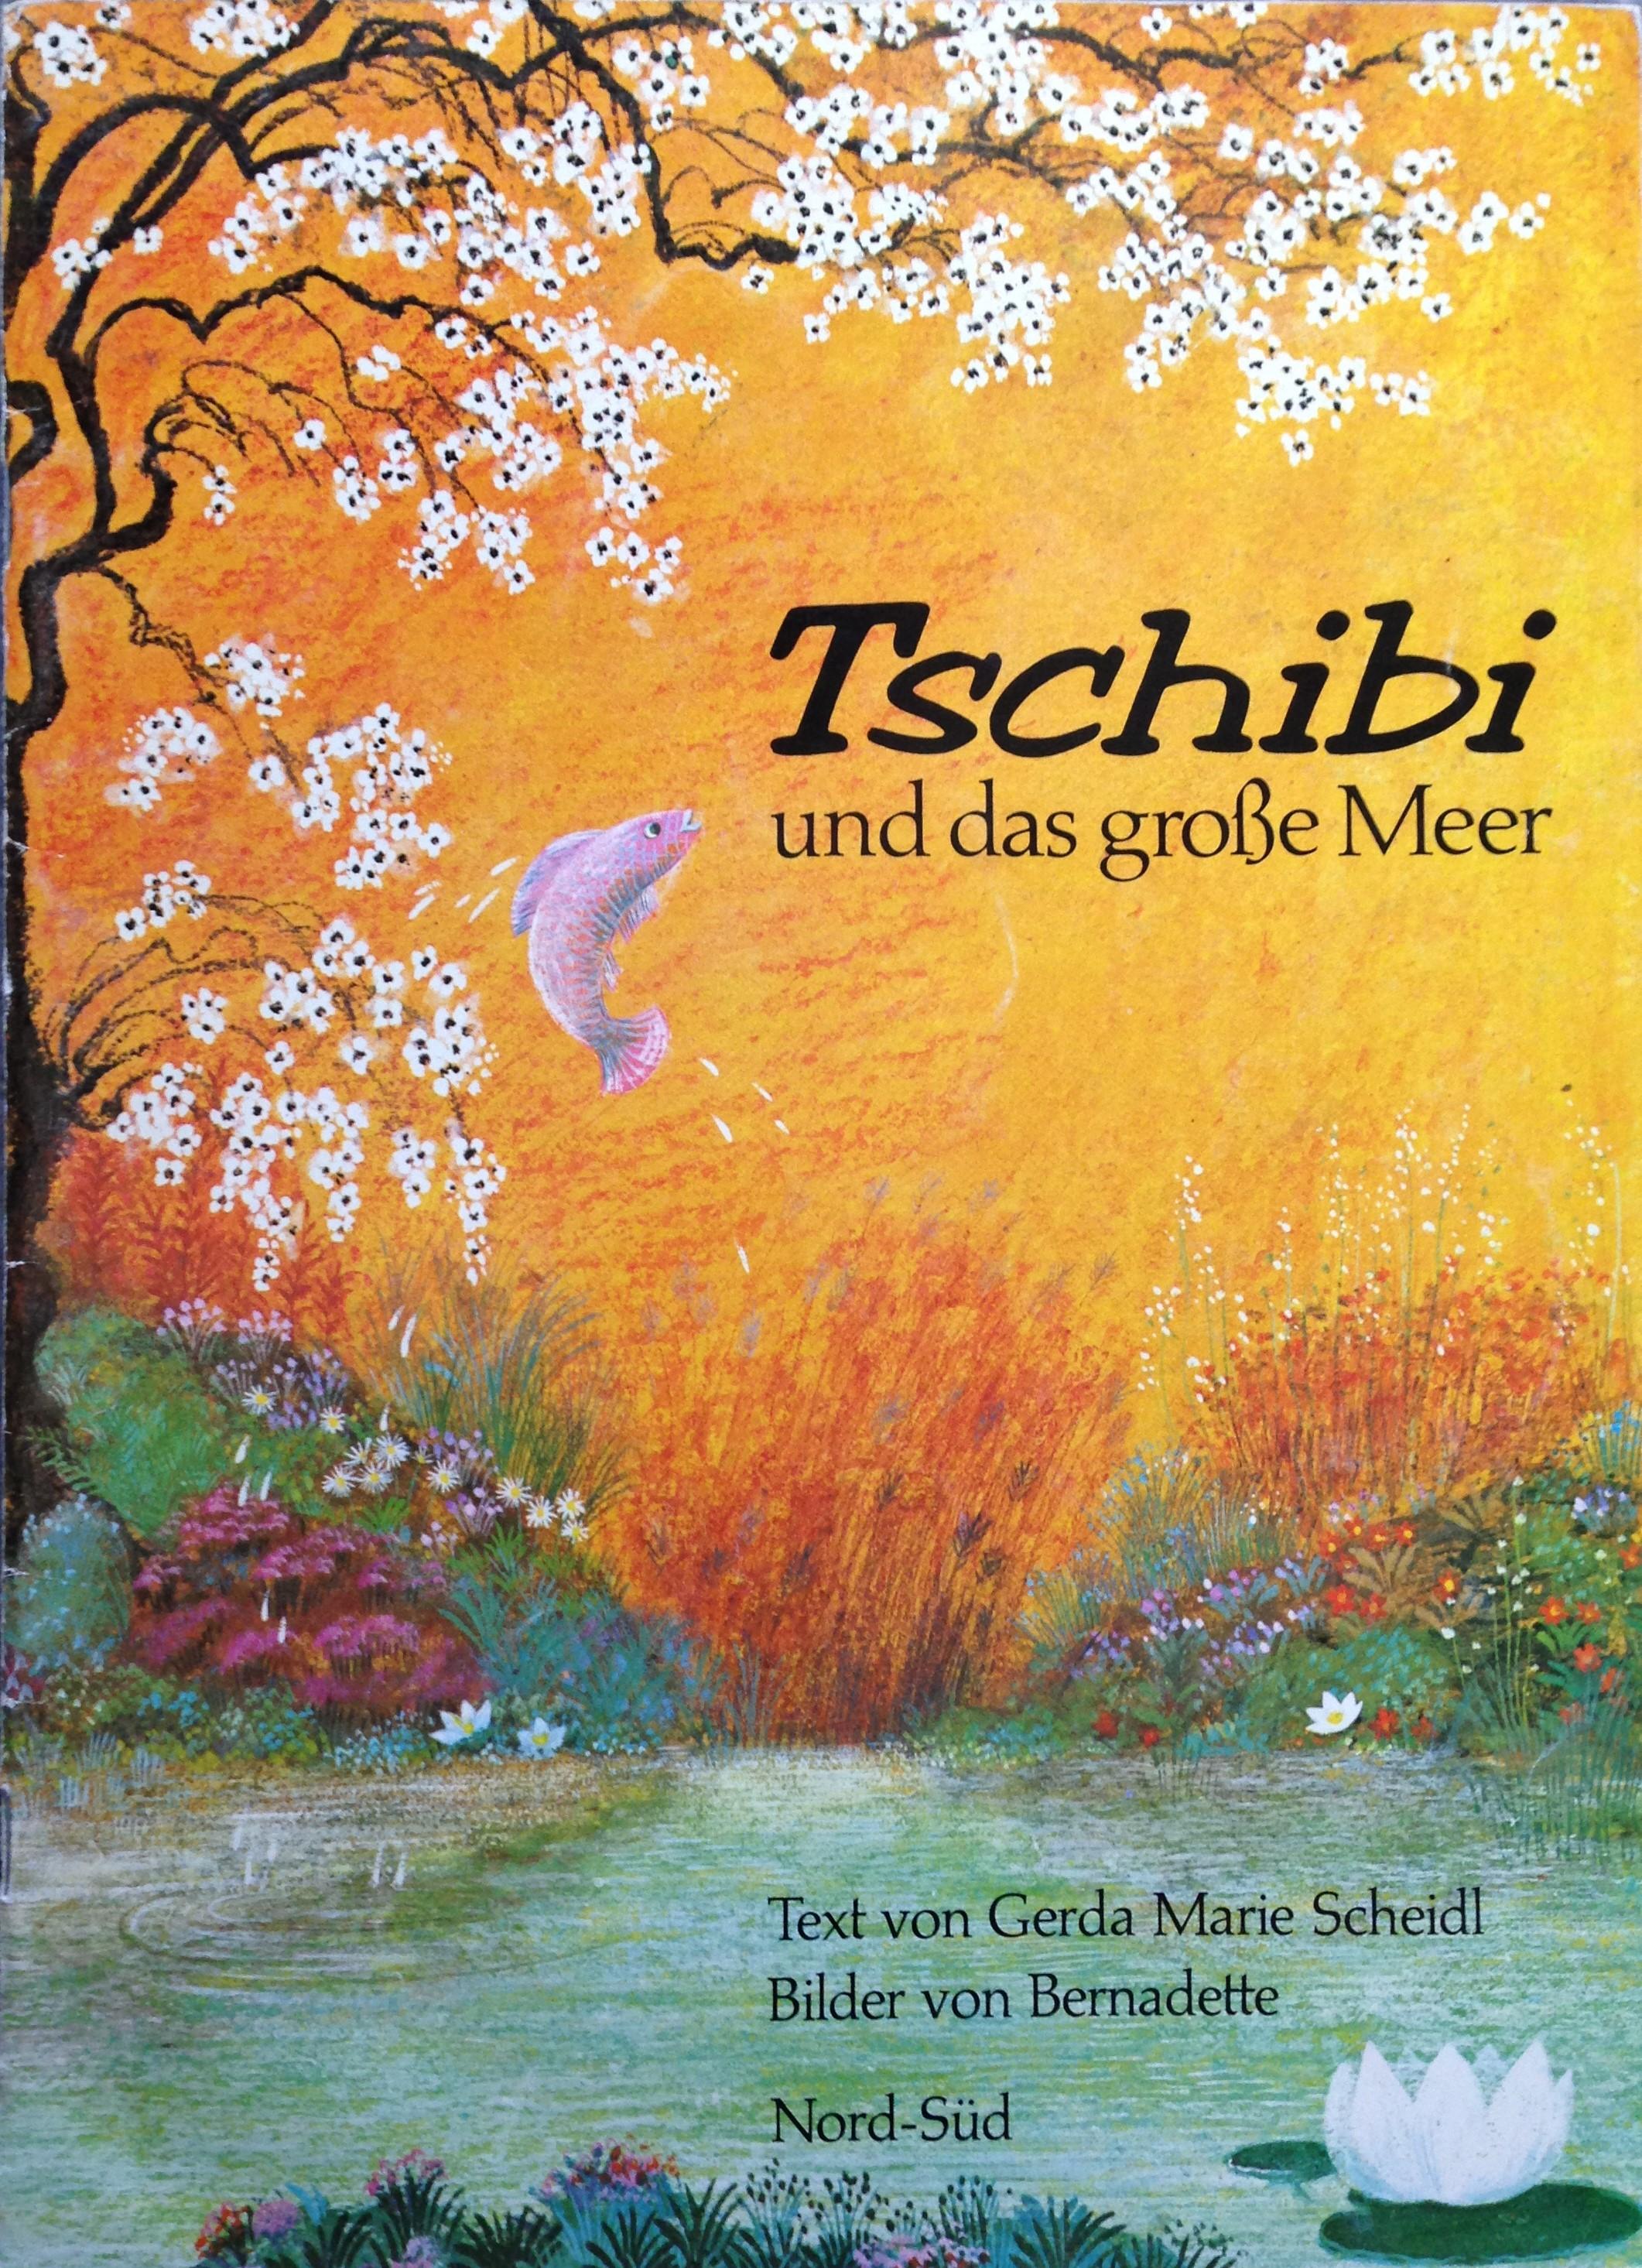 Tschibi und das groβe Meer Gerda Marie Scheidl